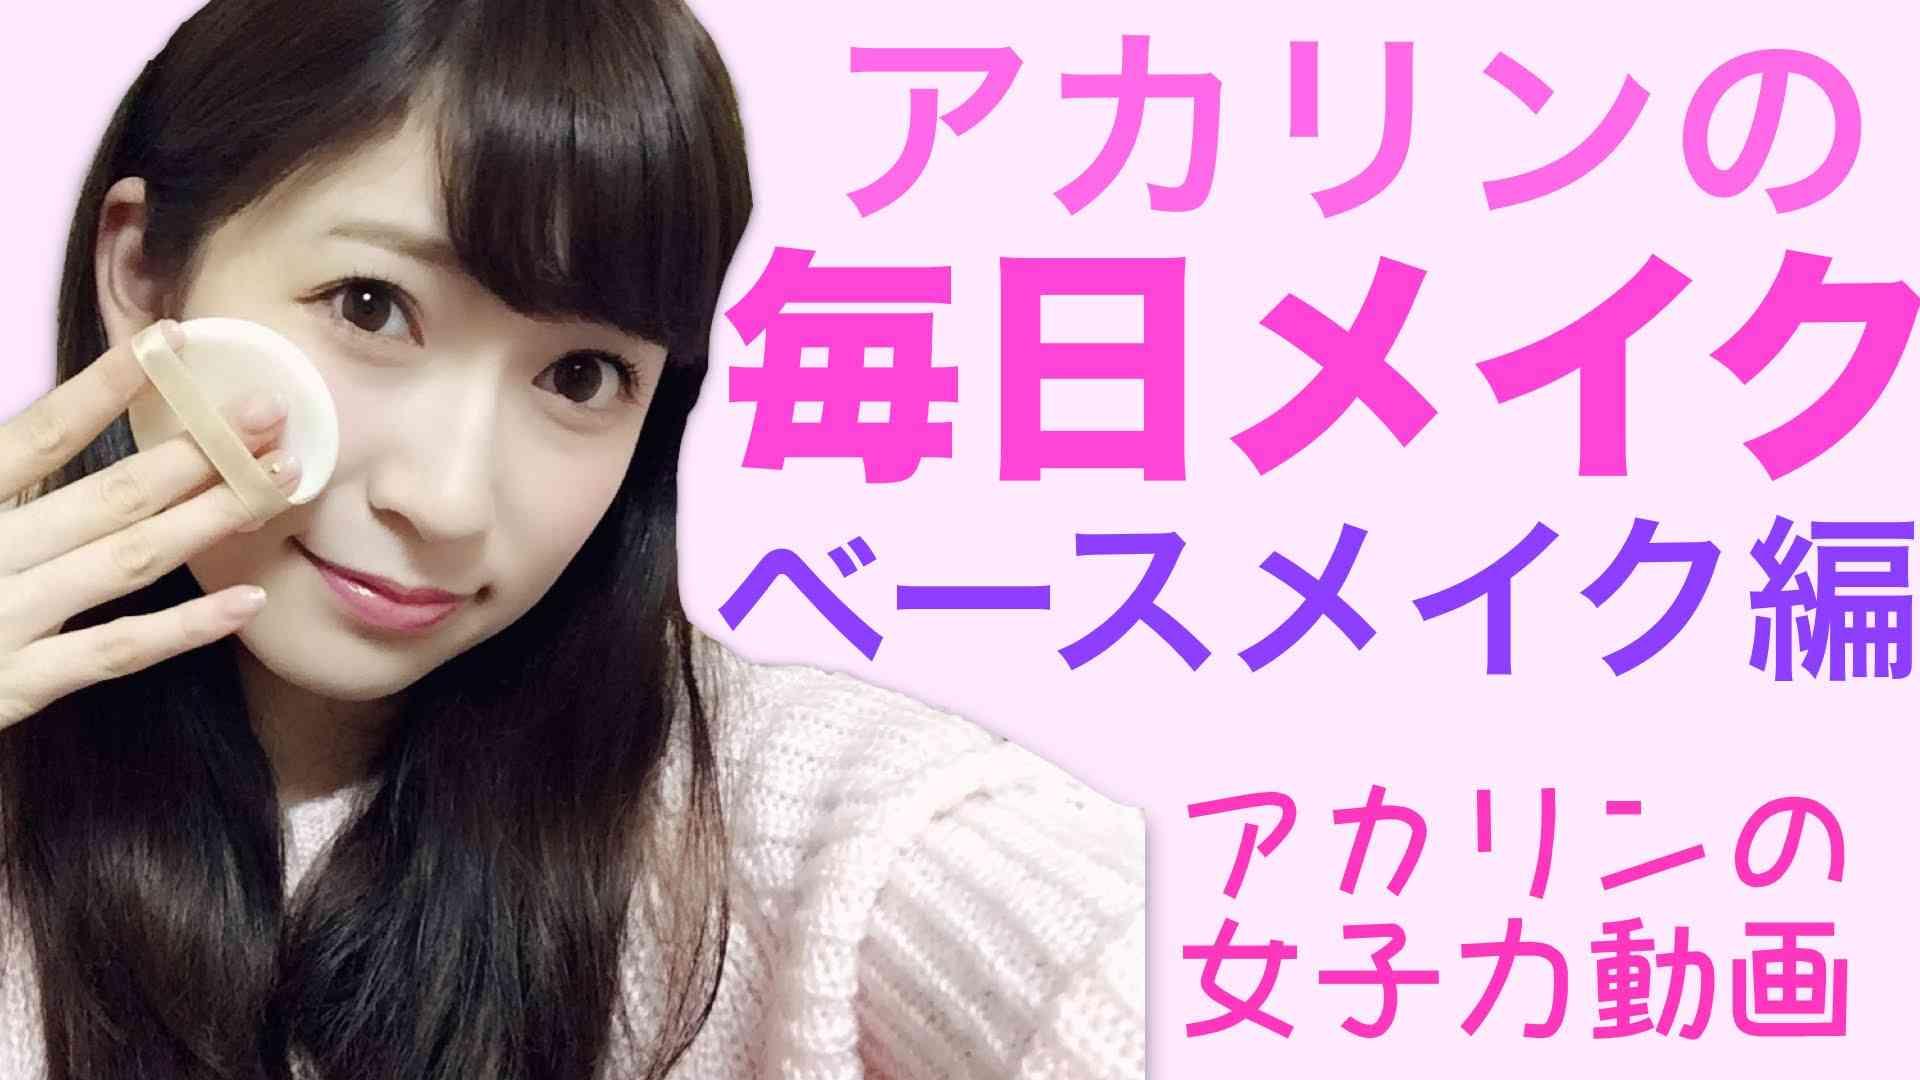 【ベースメイク】アイドルの毎日メイク伝授します! - YouTube